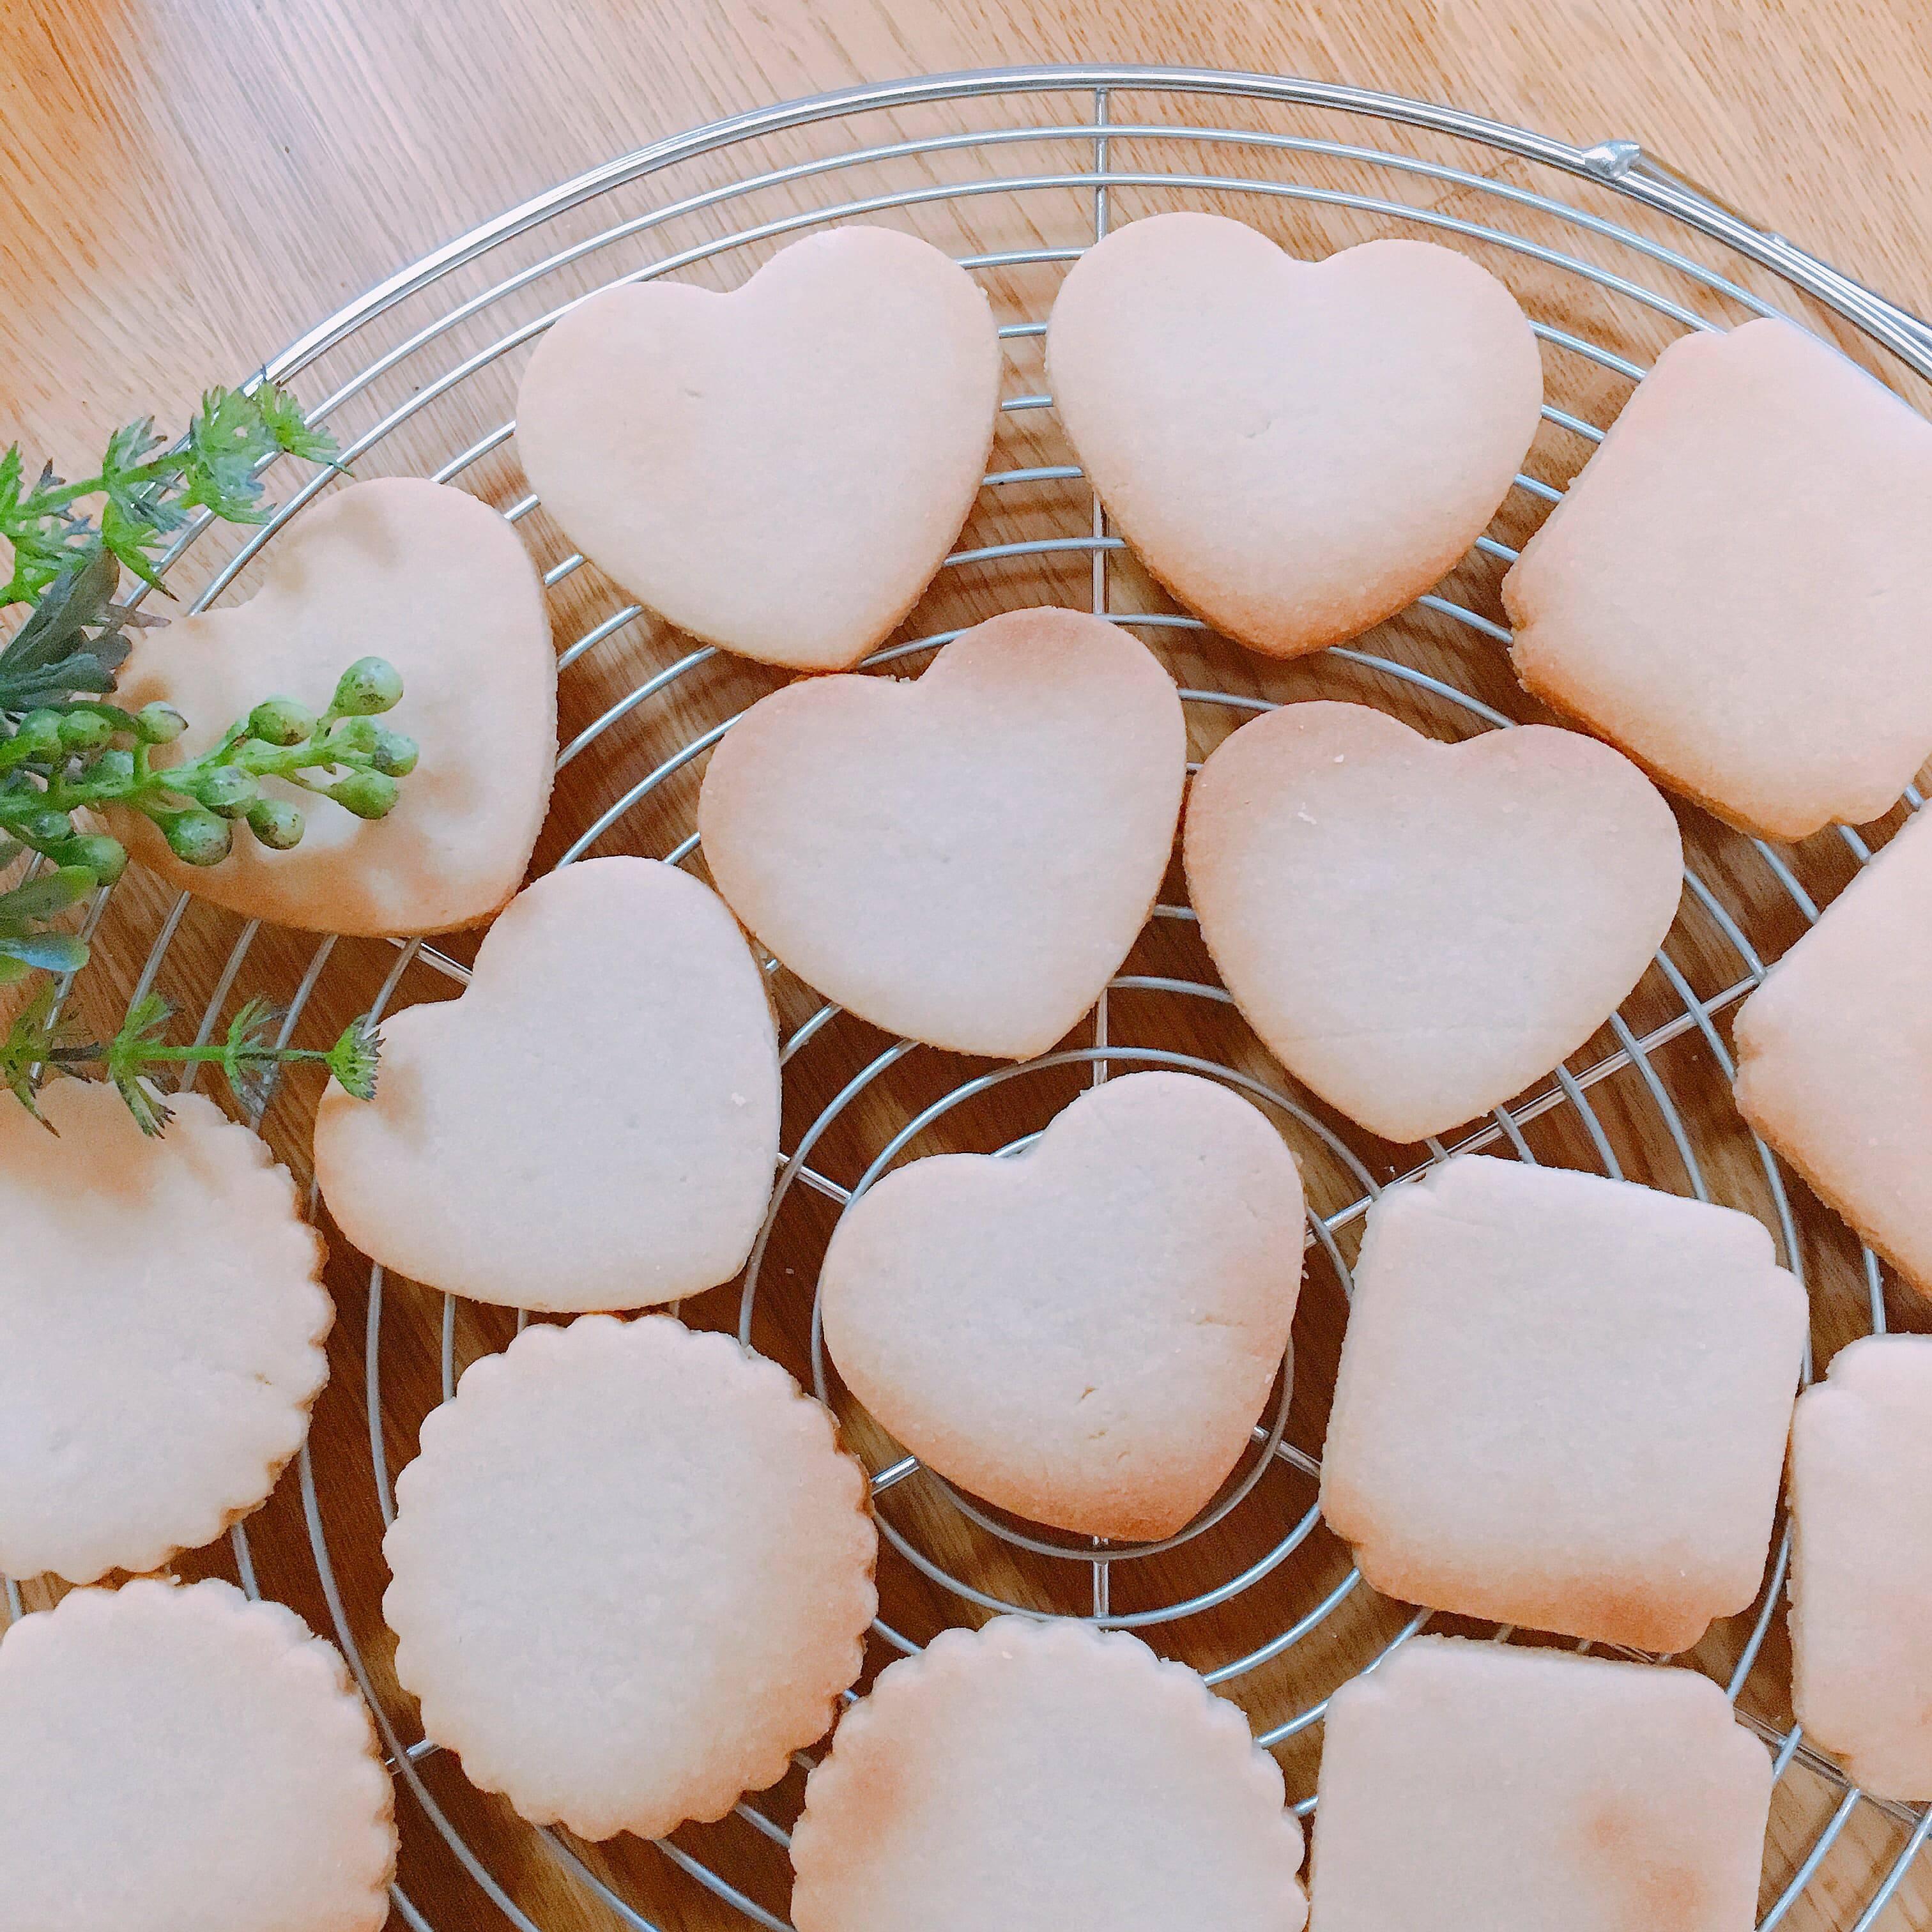 すーさん先生の米粉クッキー作り&発達相談お茶会